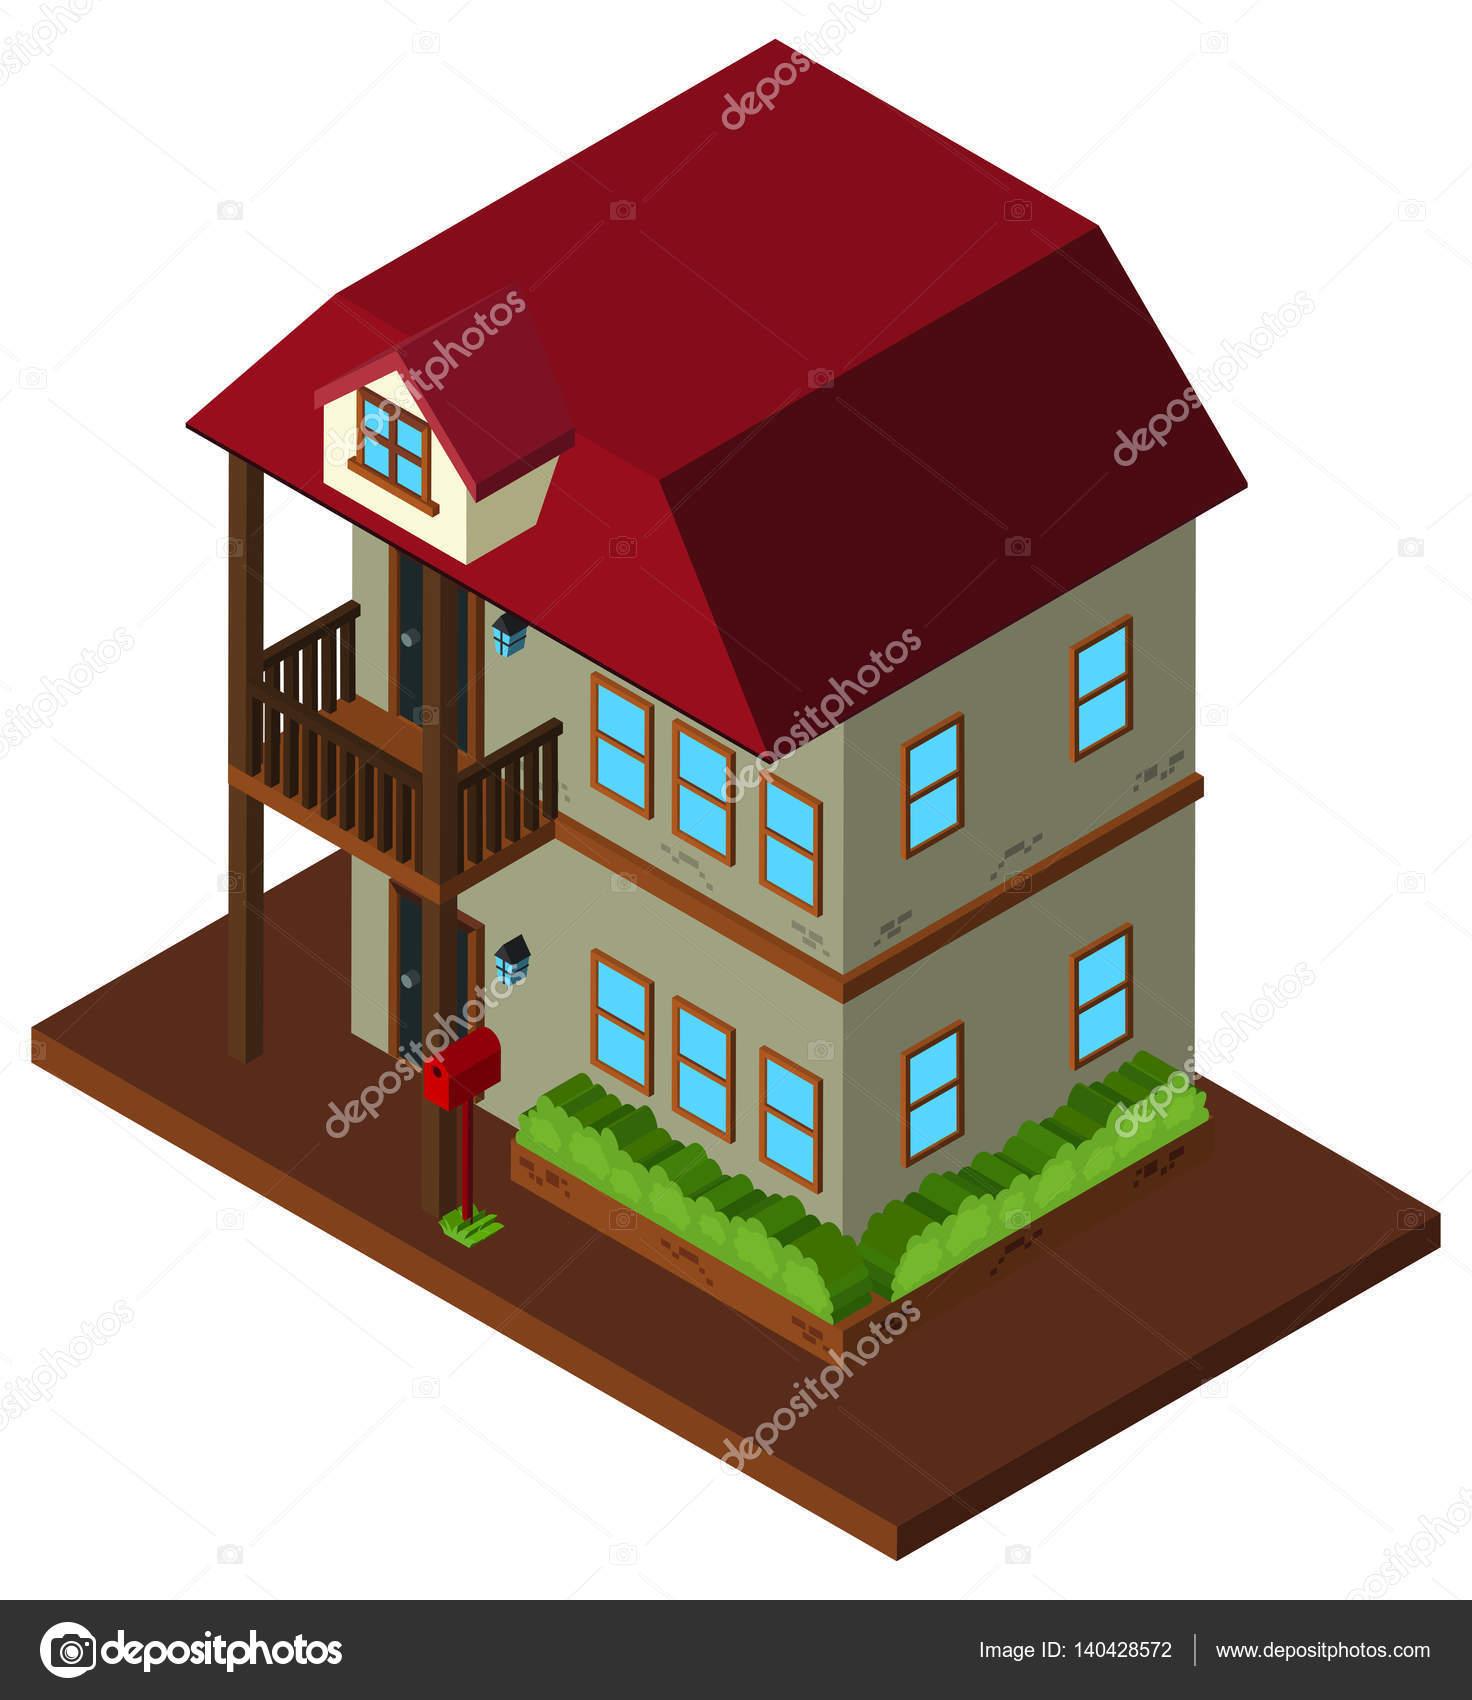 Dise o en 3d de casa de dos pisos vector de stock brgfx 140428572 - Diseno de casa en 3d ...